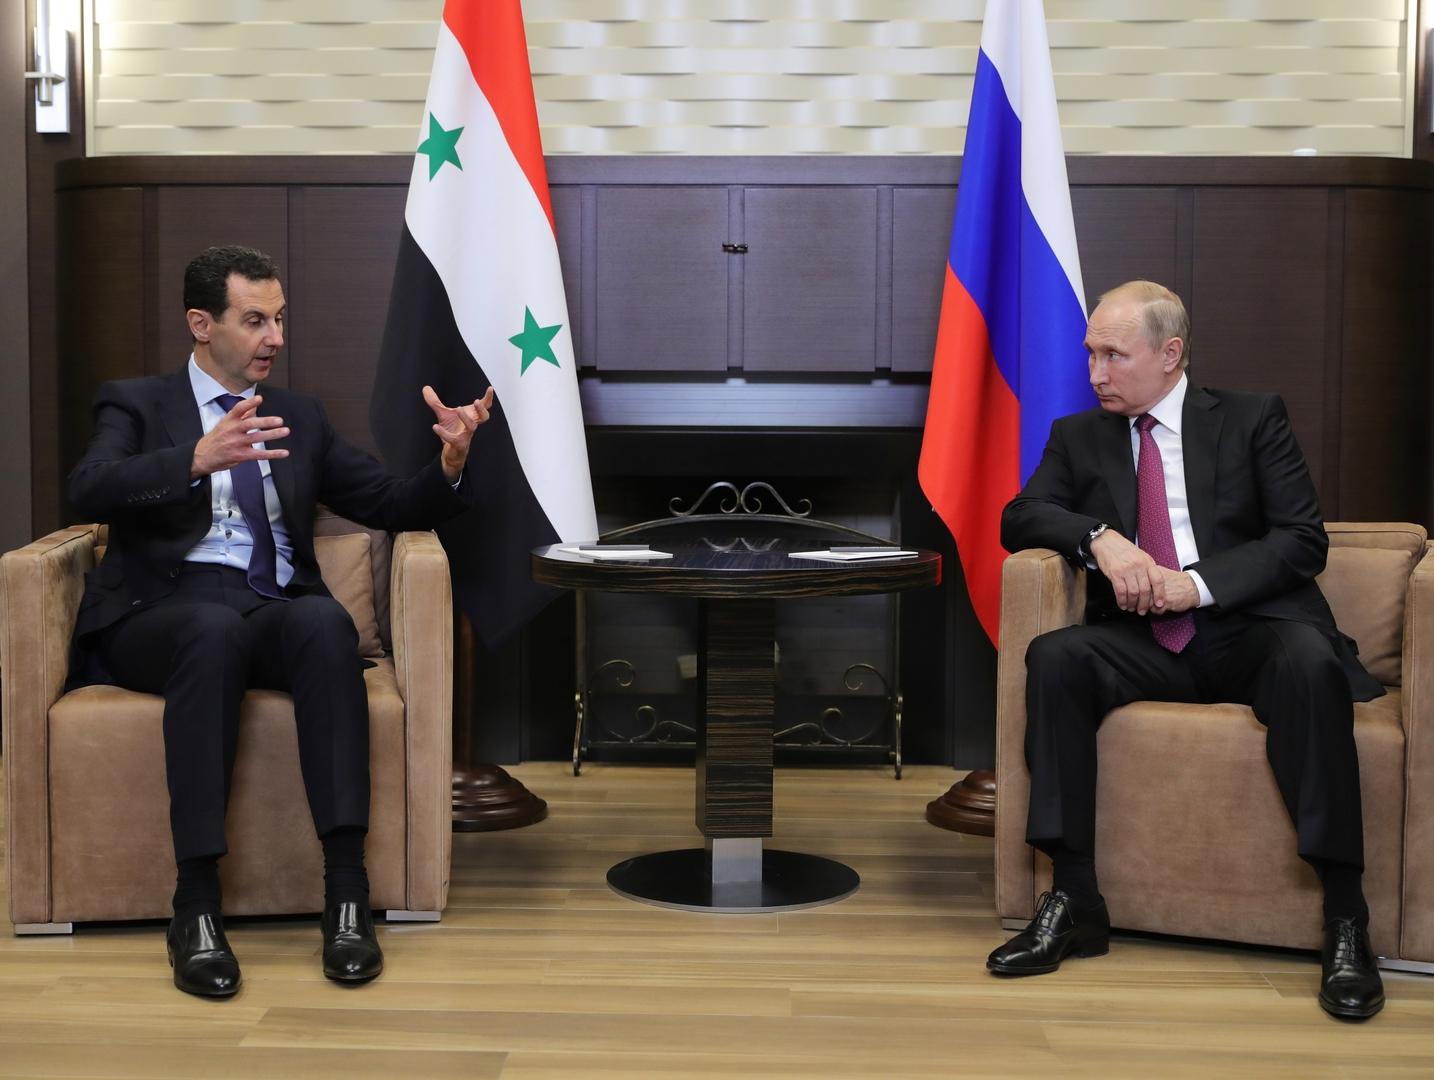 صورة من الأرشيف - الرئيسان الروسي فلاديمير بوتين والسوري بشار الأسد